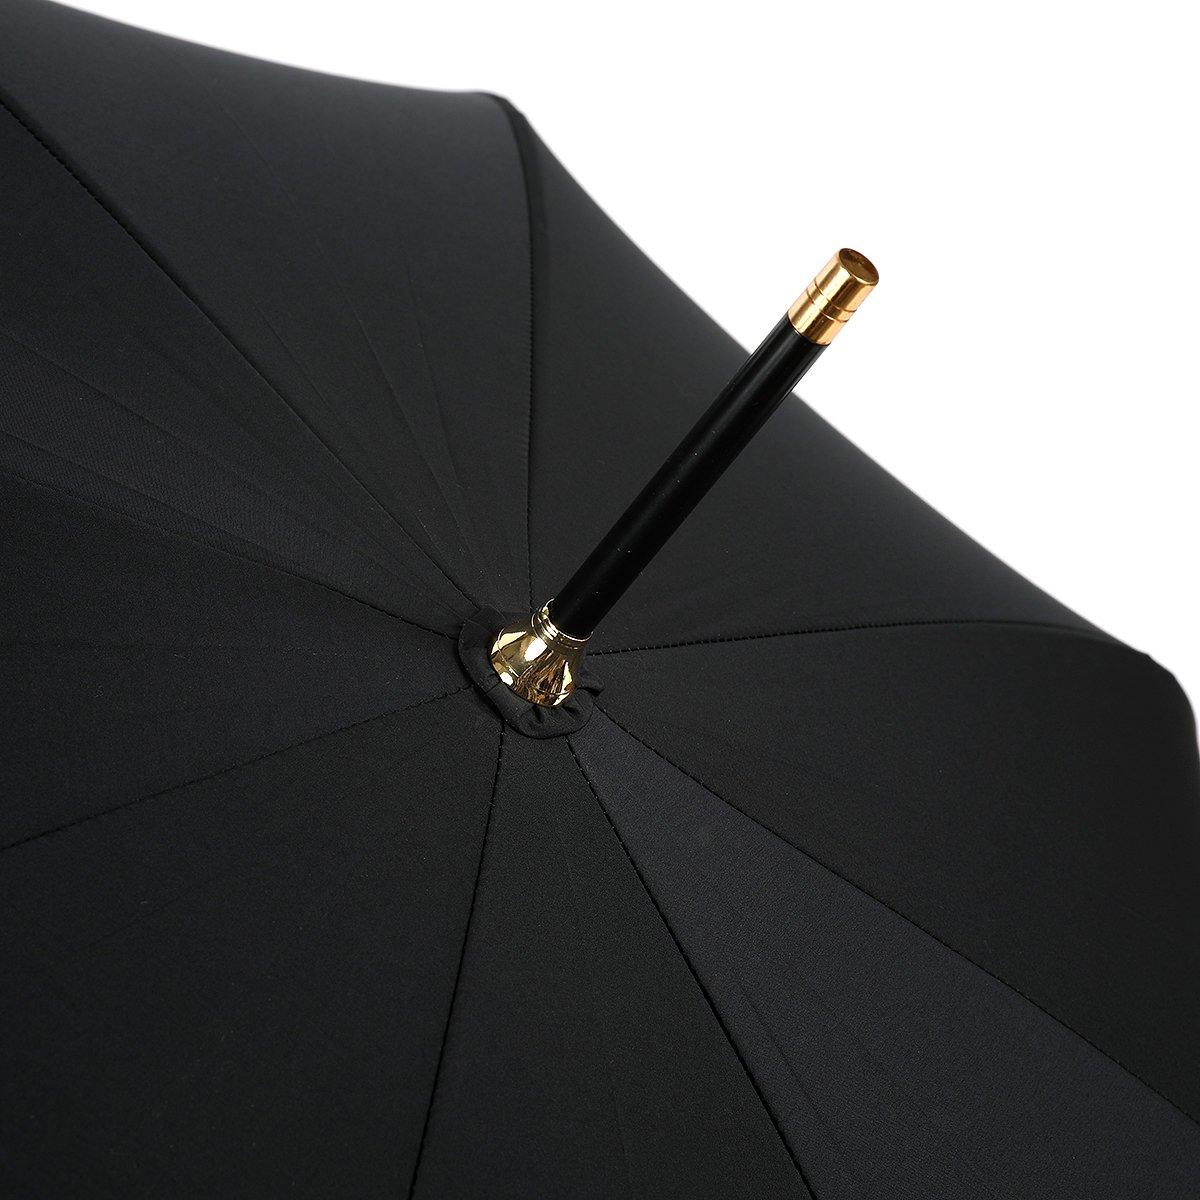 強力撥水 レインドロップ レディース レクタス バンブー 長傘(58cm) 詳細画像9